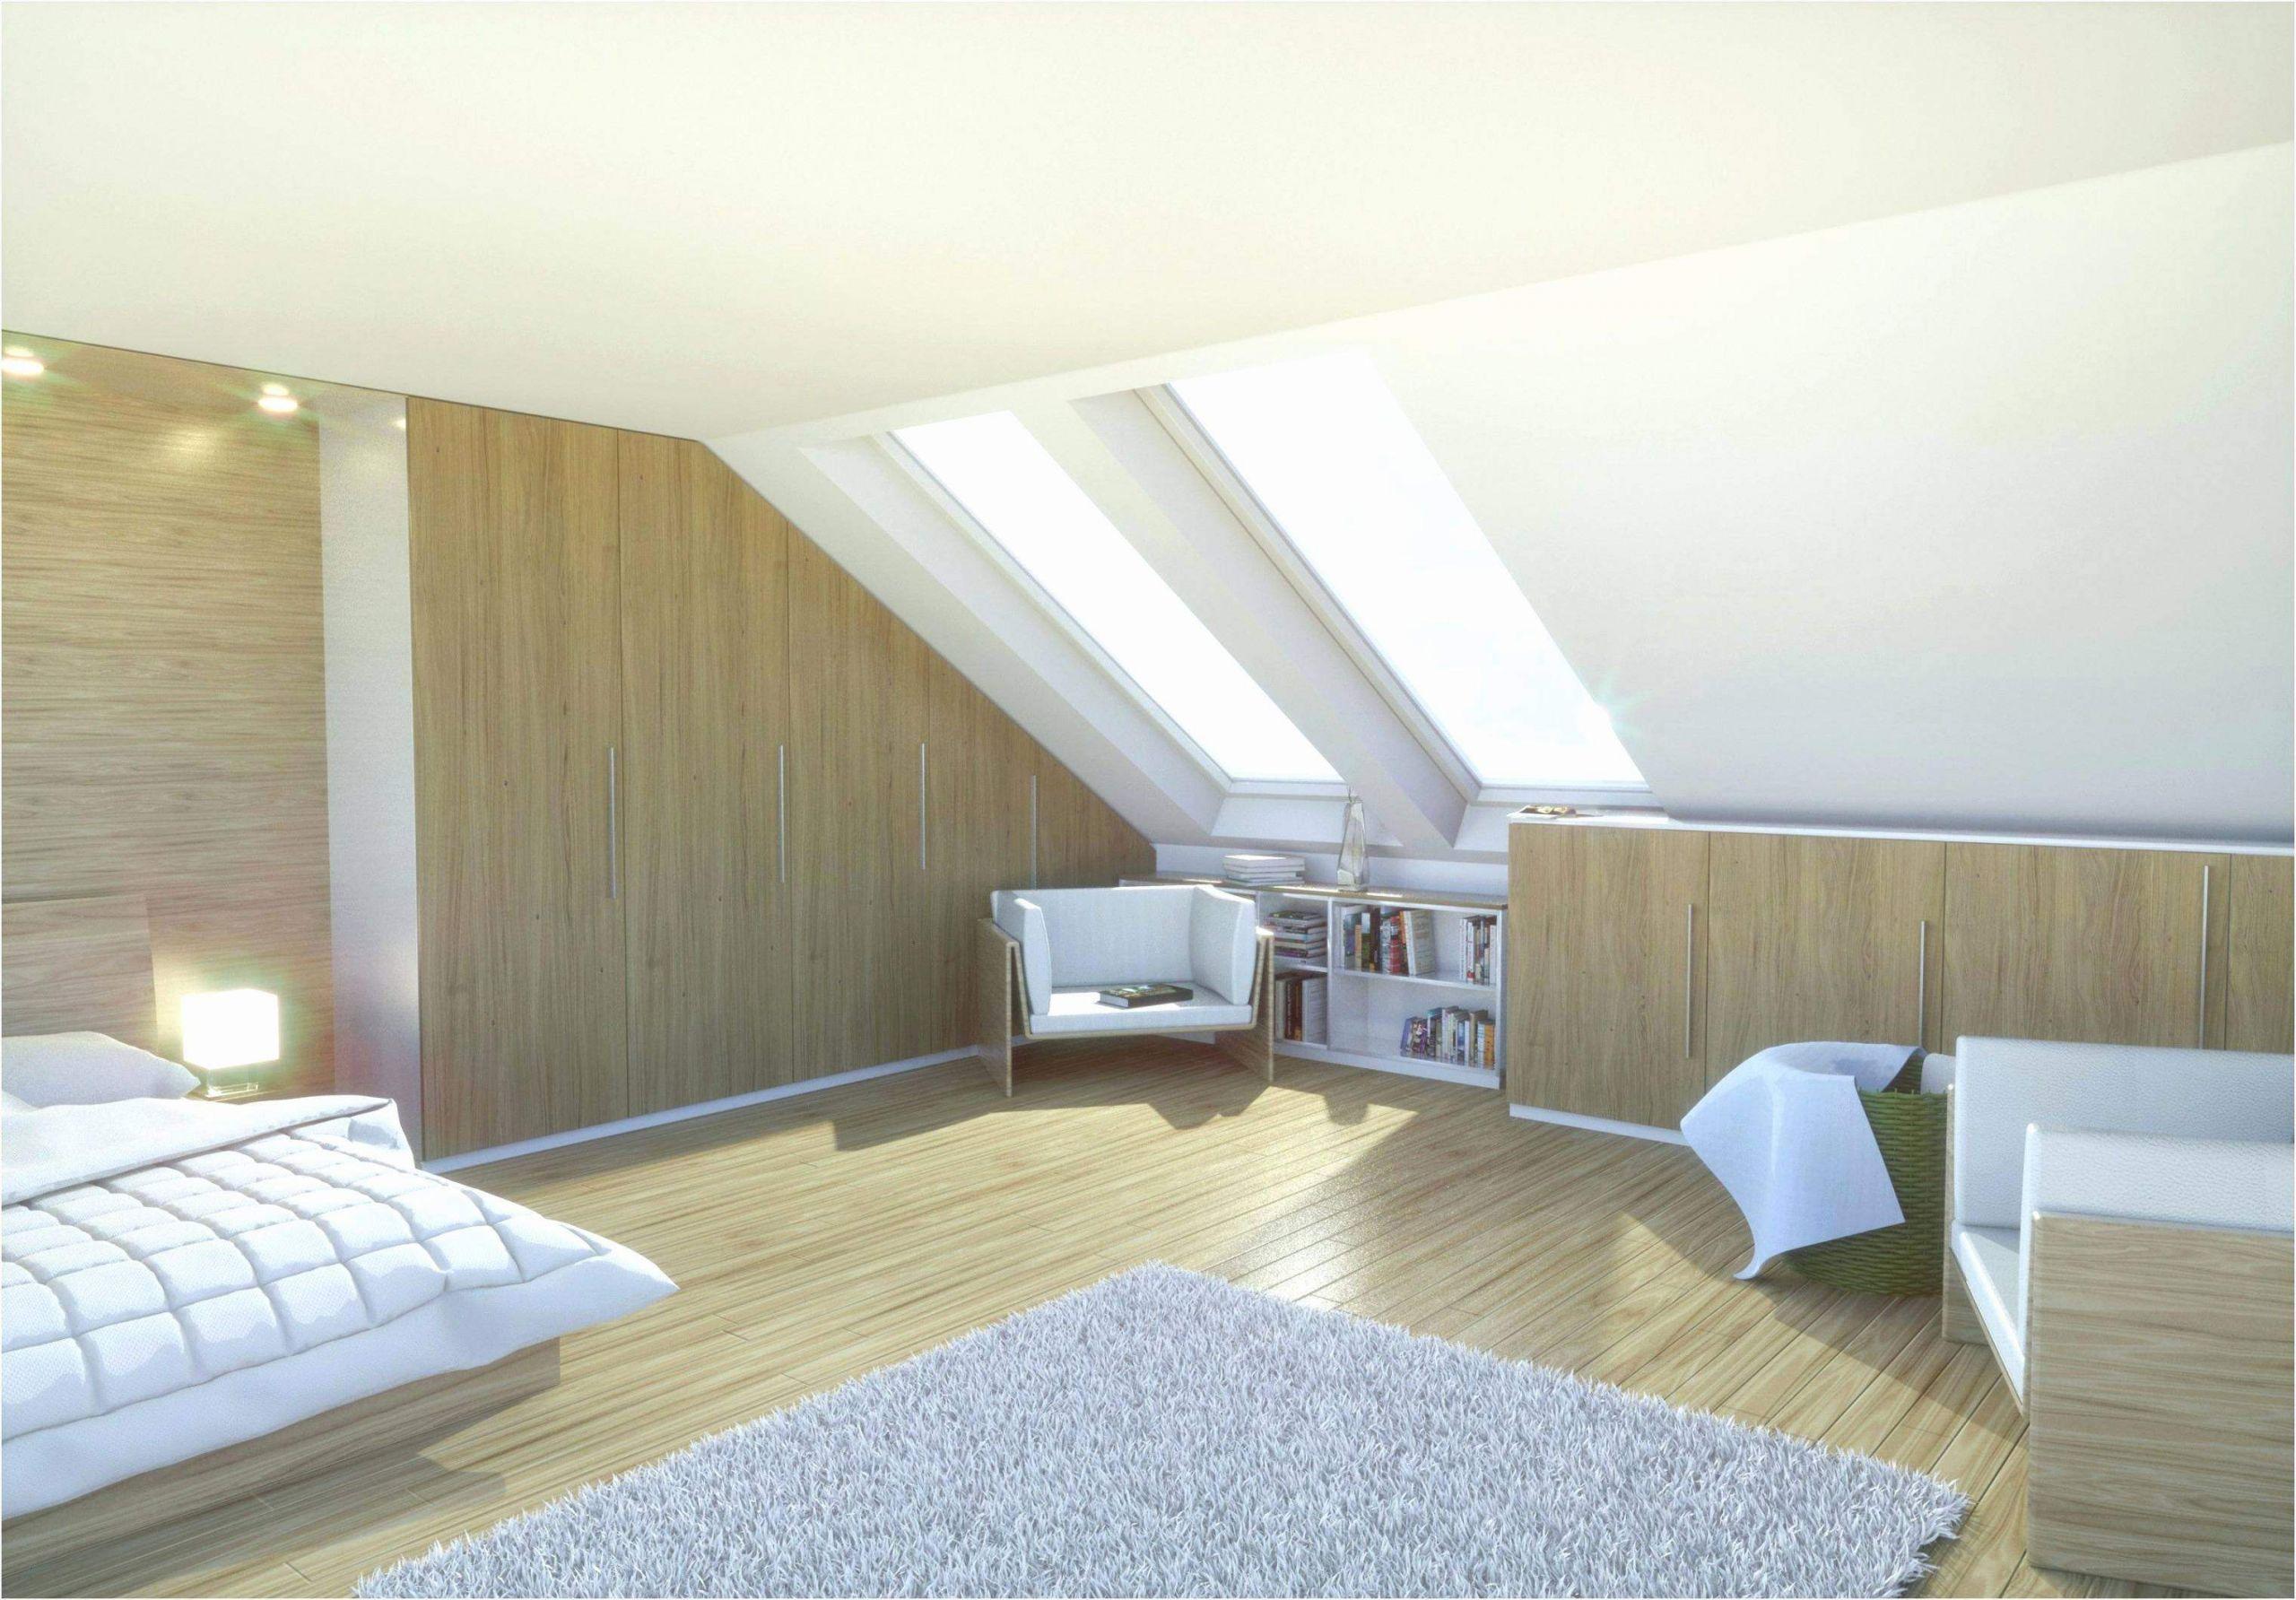 wanddeko ideen wohnzimmer schon 39 luxus deko ideen schlafzimmer of wanddeko ideen wohnzimmer scaled